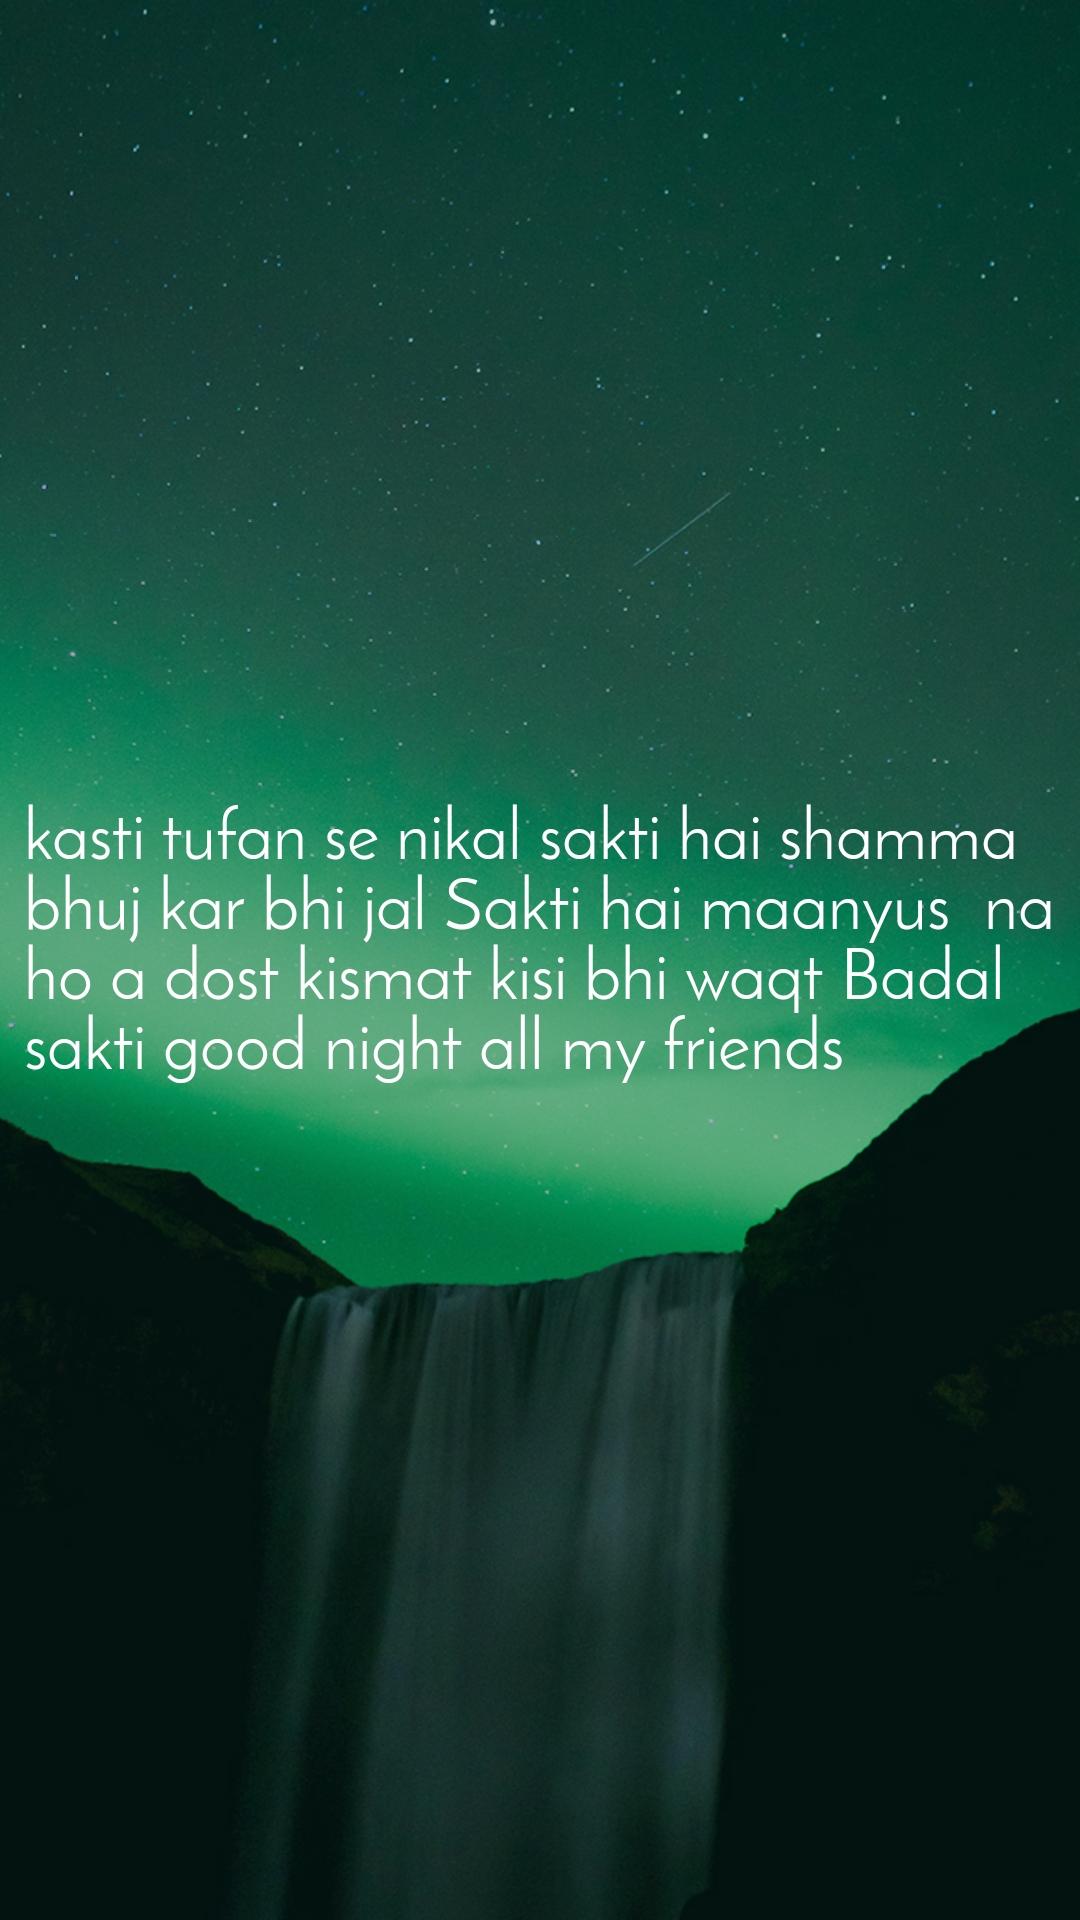 kasti tufan se nikal sakti hai shamma bhuj kar bhi jal Sakti hai maanyus  na  ho a dost kismat kisi bhi waqt Badal sakti good night all my friends